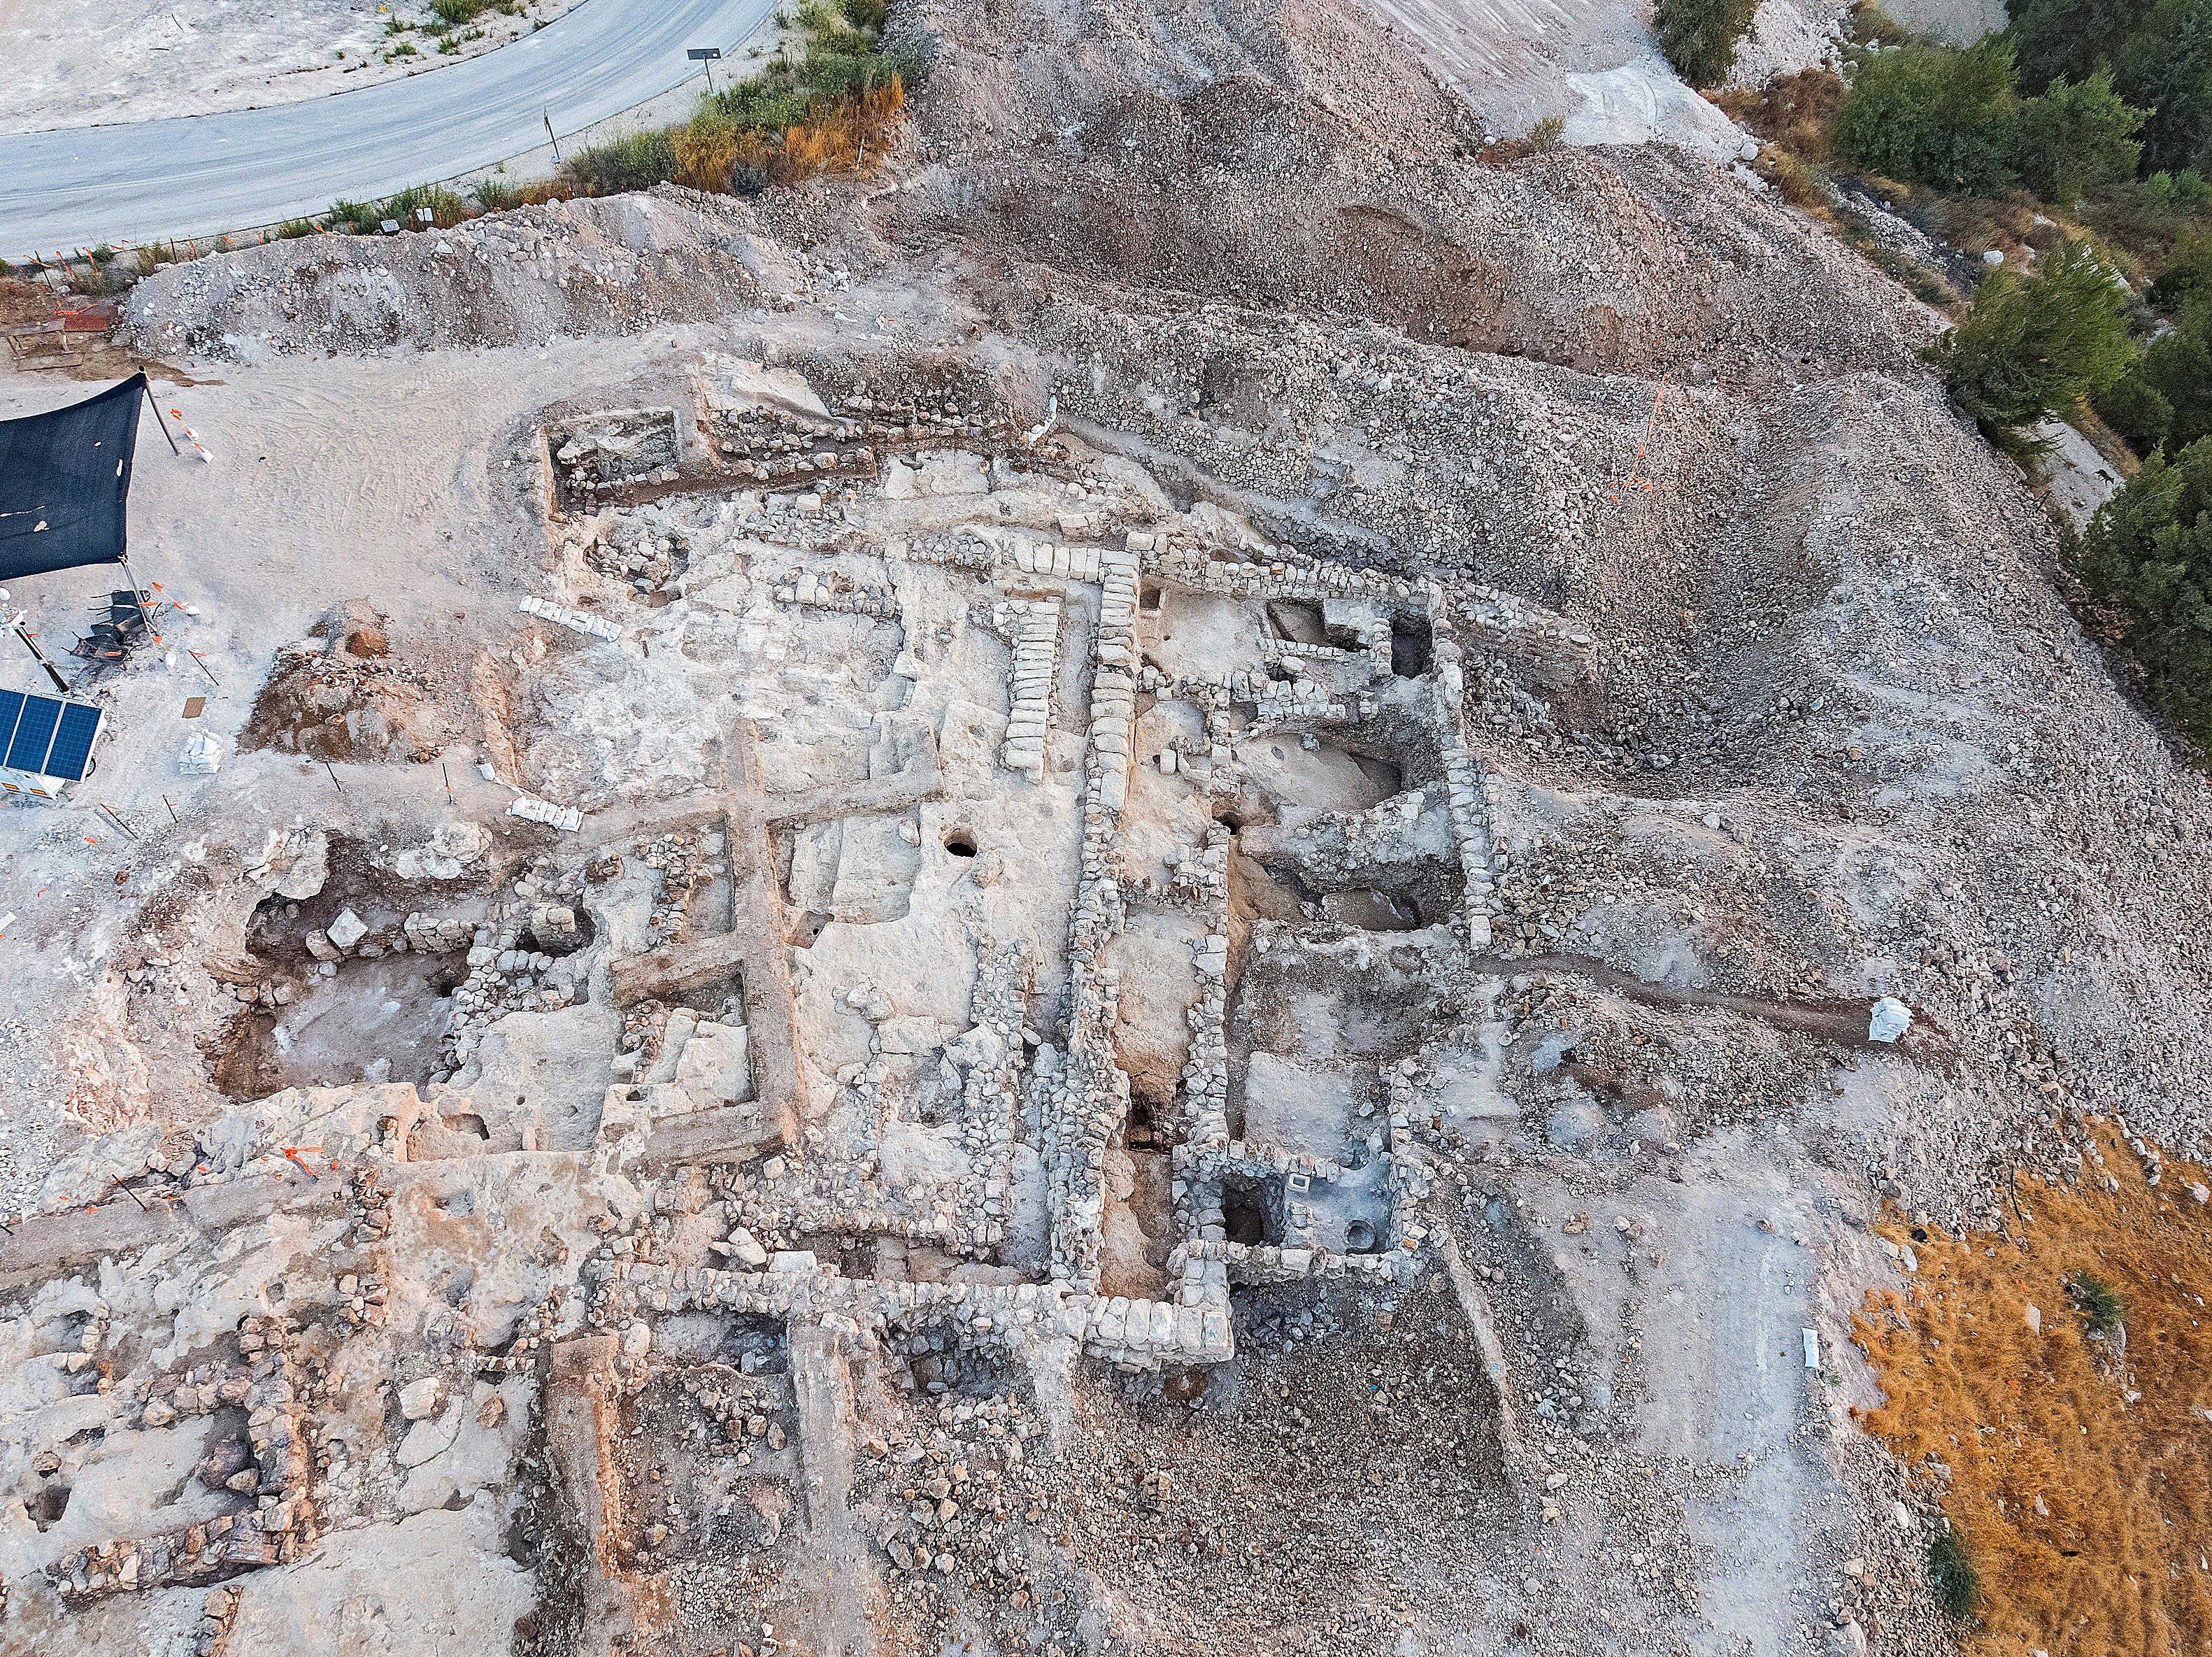 Aerial Photo – Assaf Peretz, Israel Antiquities Authority